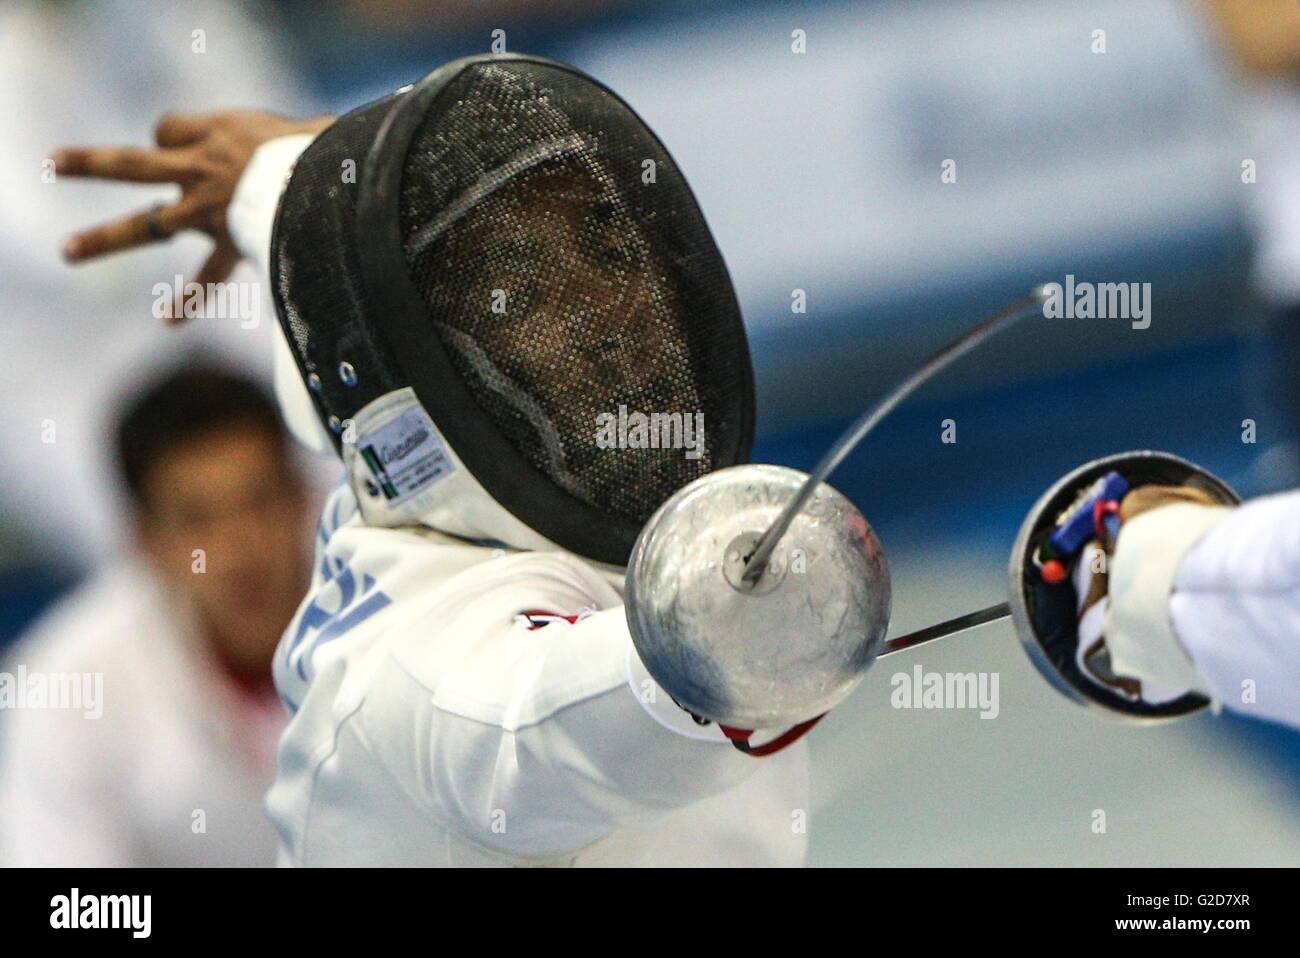 Moscú, Rusia - Mayo 28, 2016: Pentathlete Amro El Geziry de Egipto compite en el evento de esgrima de hombre Imagen De Stock